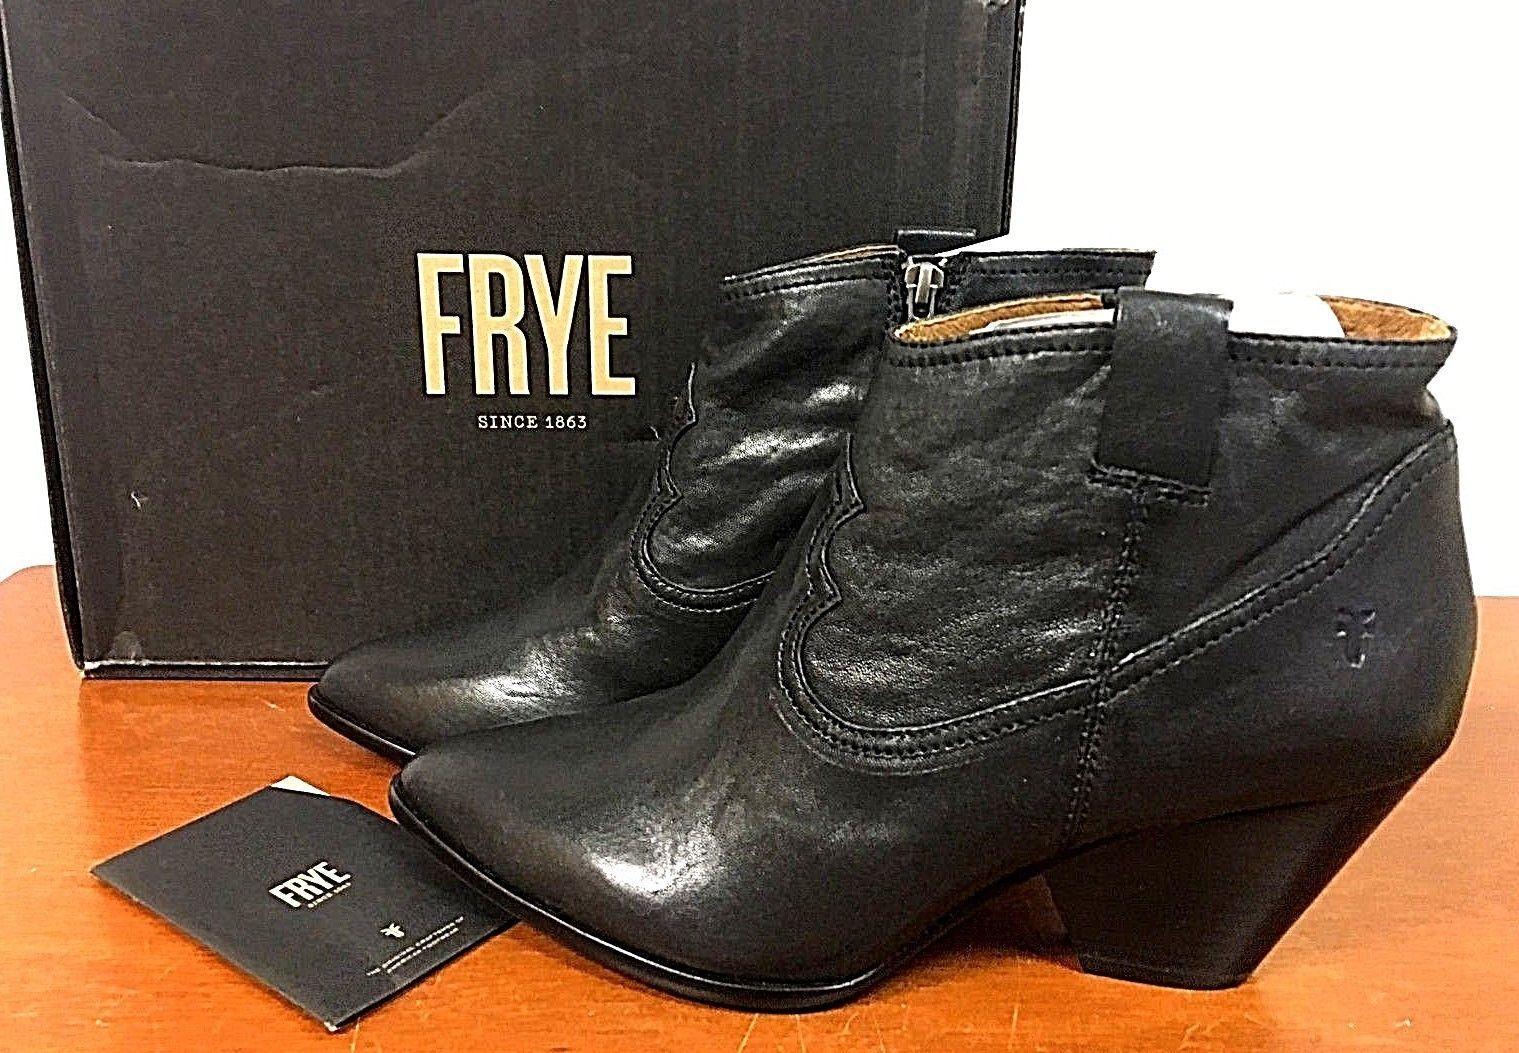 Nuevos Zapatos para mujer mujer para reina botín de Frye-tamaño 5.5, 7.5, 8.5, 9-Negro - 8N_21 854dab